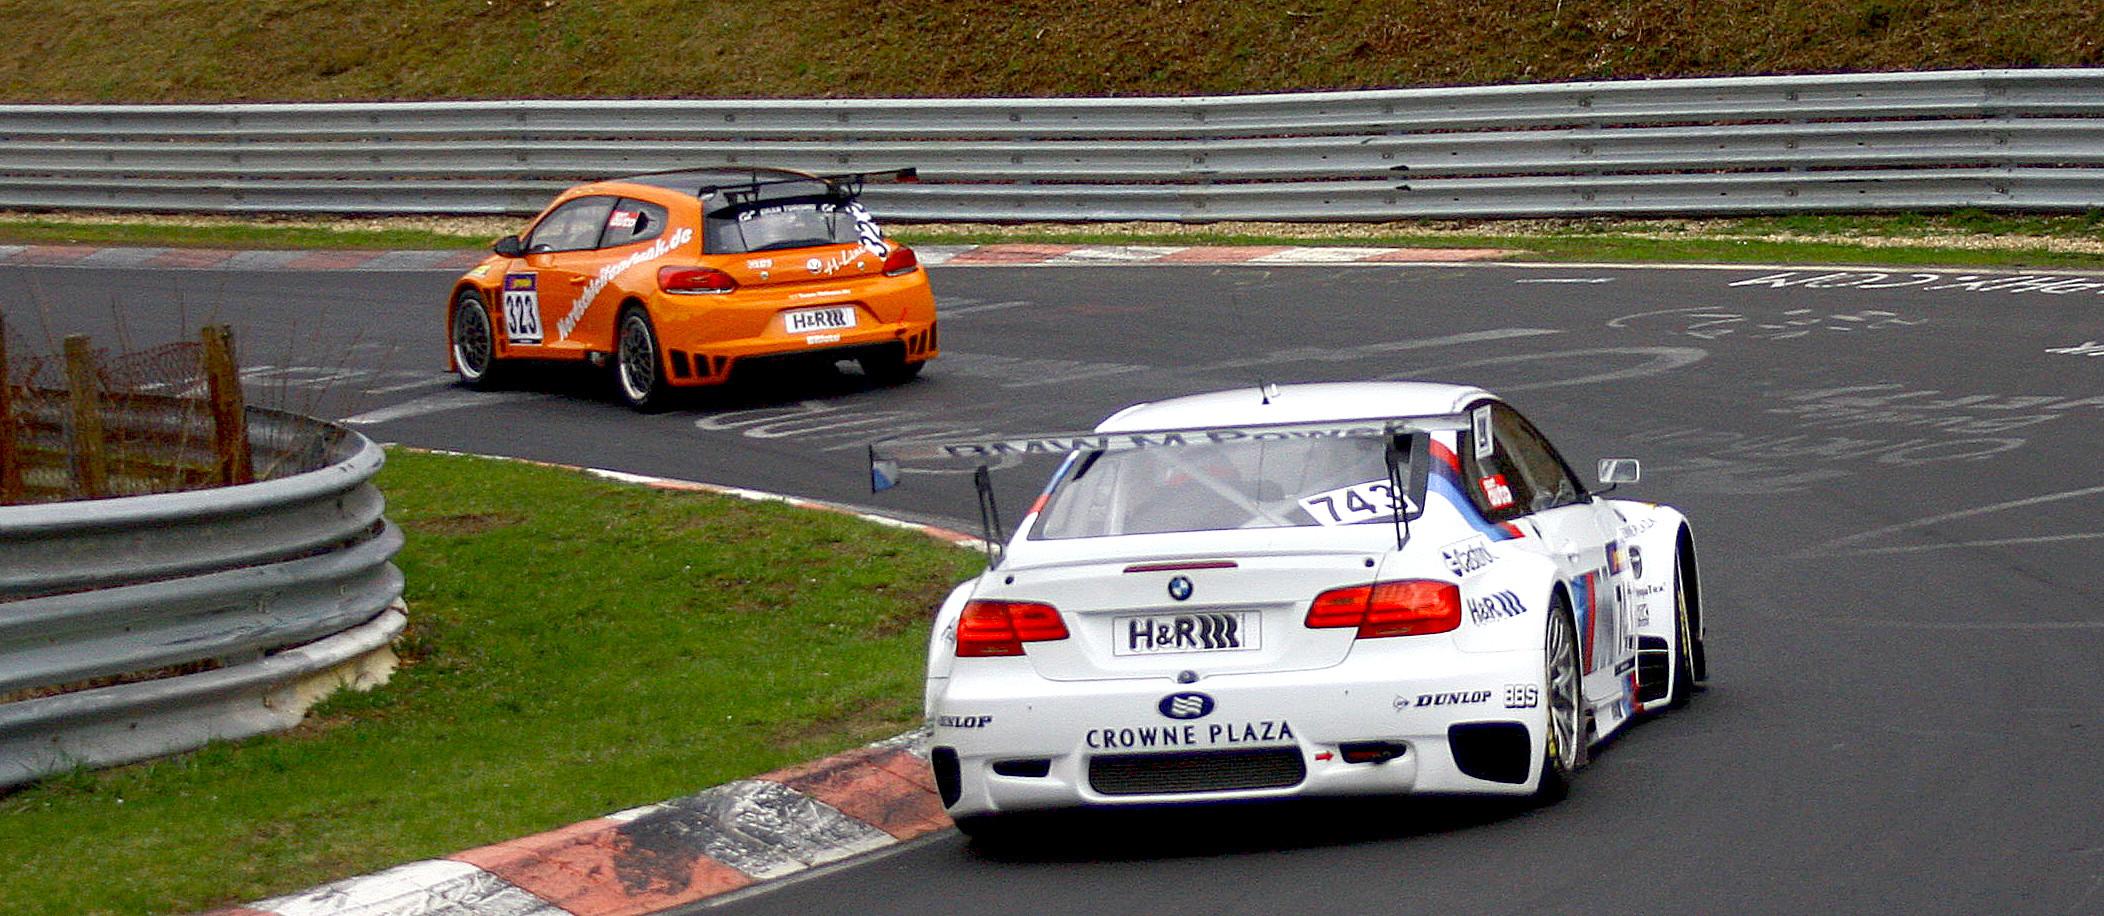 BMW M3 mitten in der Verfolgungsjagd =)